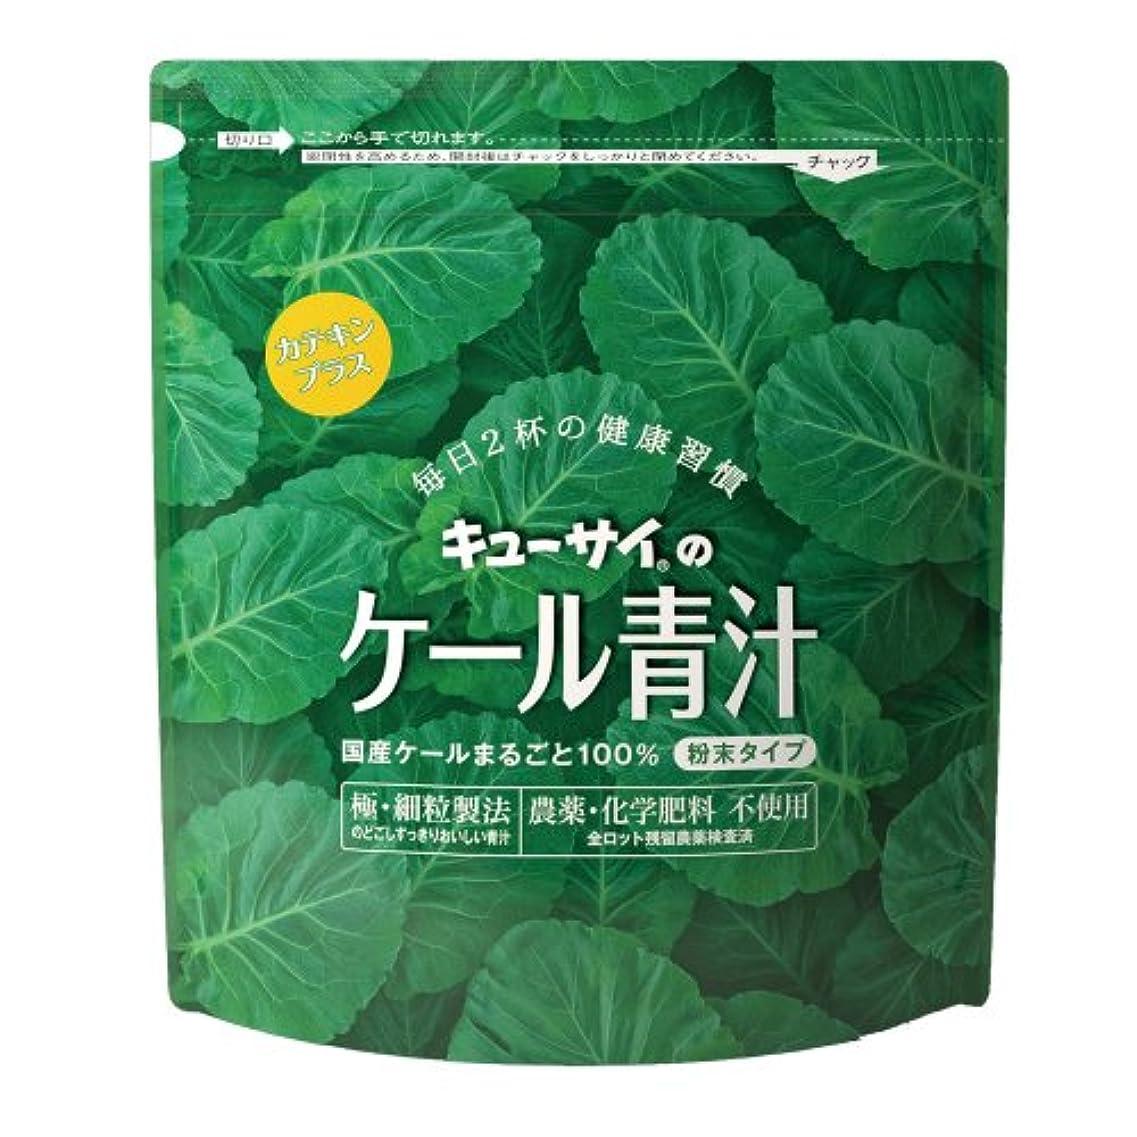 描写予定規則性キューサイ 青汁カテキンプラス420g(粉末タイプ)/国産ケール100%青汁にカテキン配合【1袋420g(約1カ月分)】